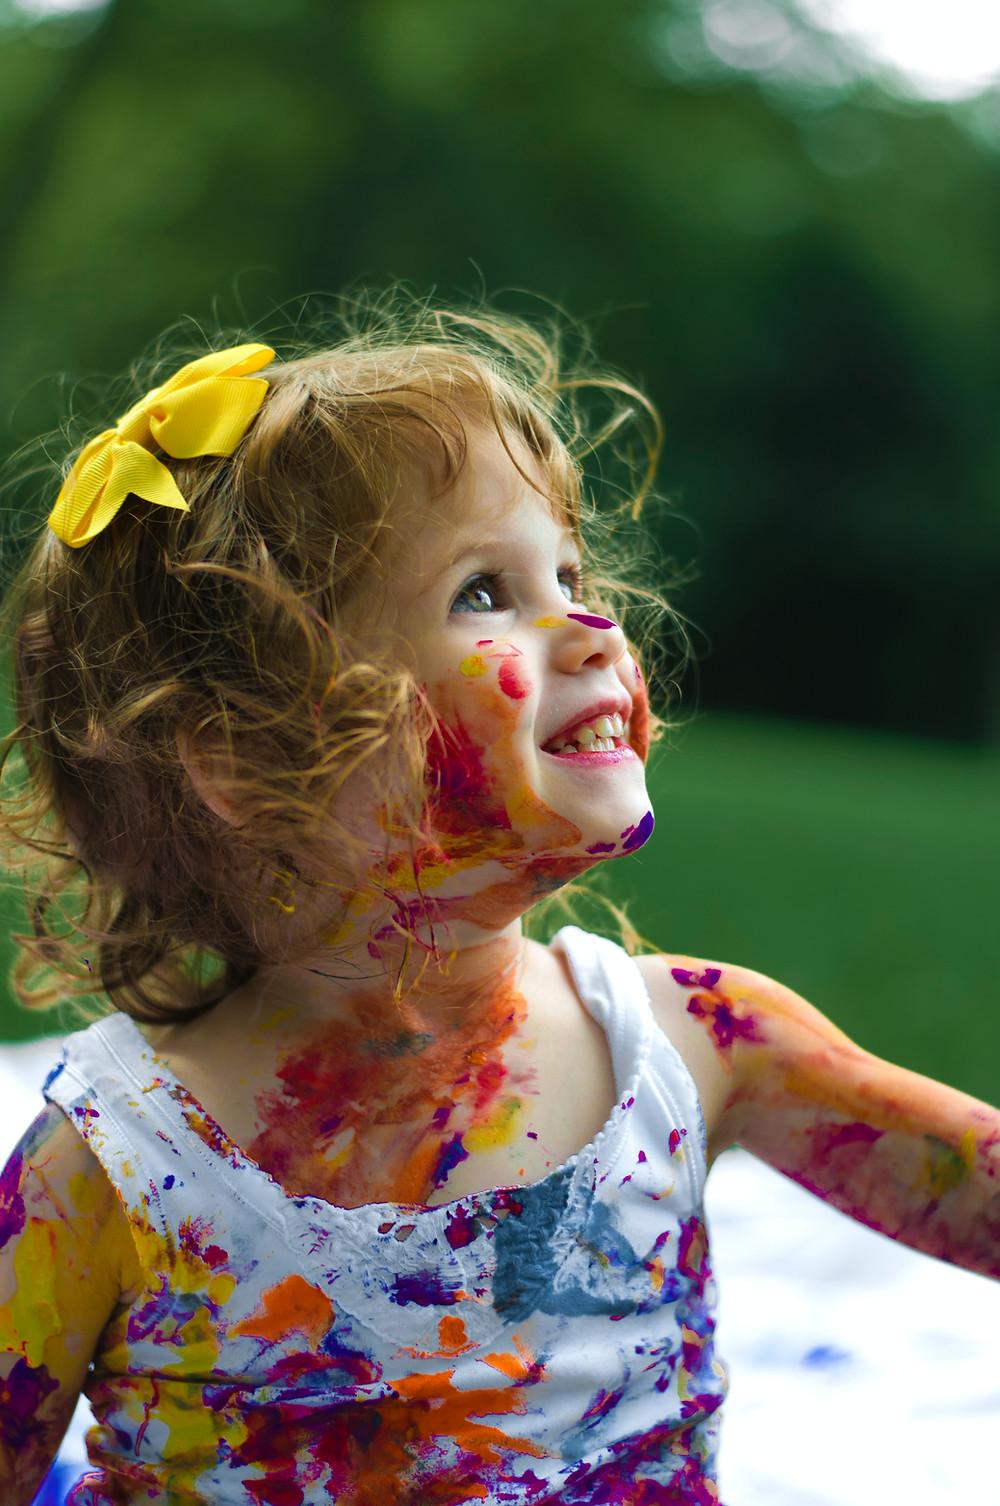 Materiais artísticos, como lápis de cor, tintas e cola irão ajudar na criatividade dos pequenos.